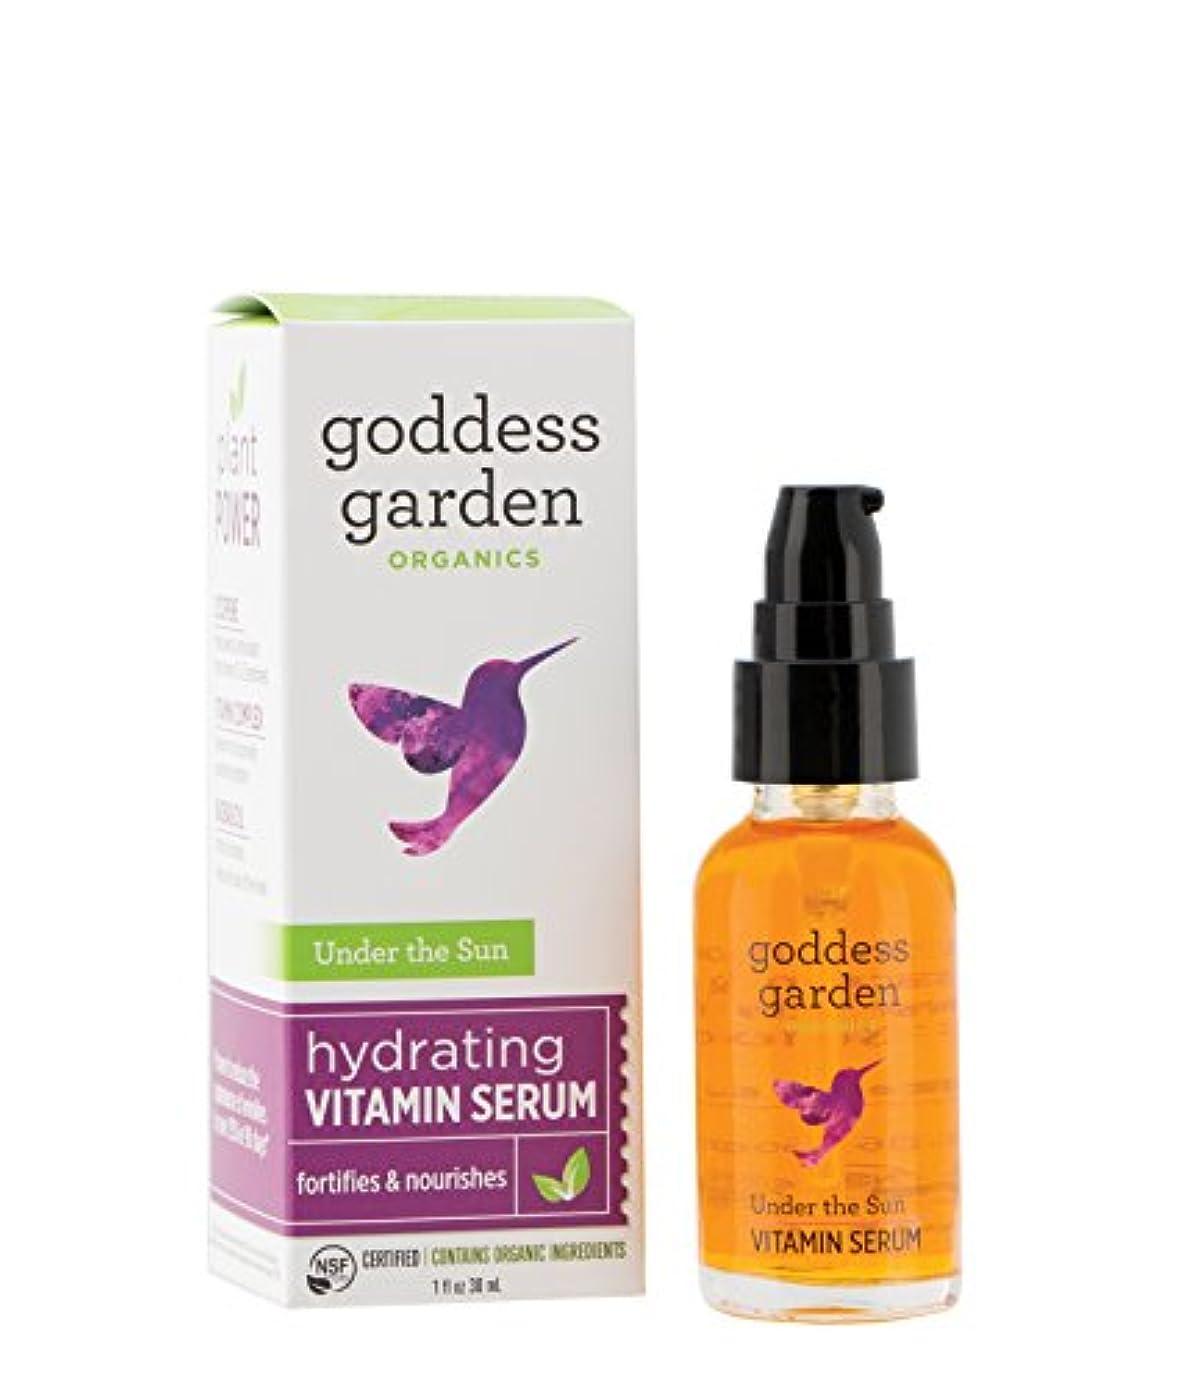 保証する注意菊Goddess Garden サンハイドレイティングビタミンセラム(1オンス。ボトル)オーガニック、完全菜食主義、リーピングバニー認定虐待フリー、パラベンフリー、敏感肌に優しく、公認B社の下ではオーガニック